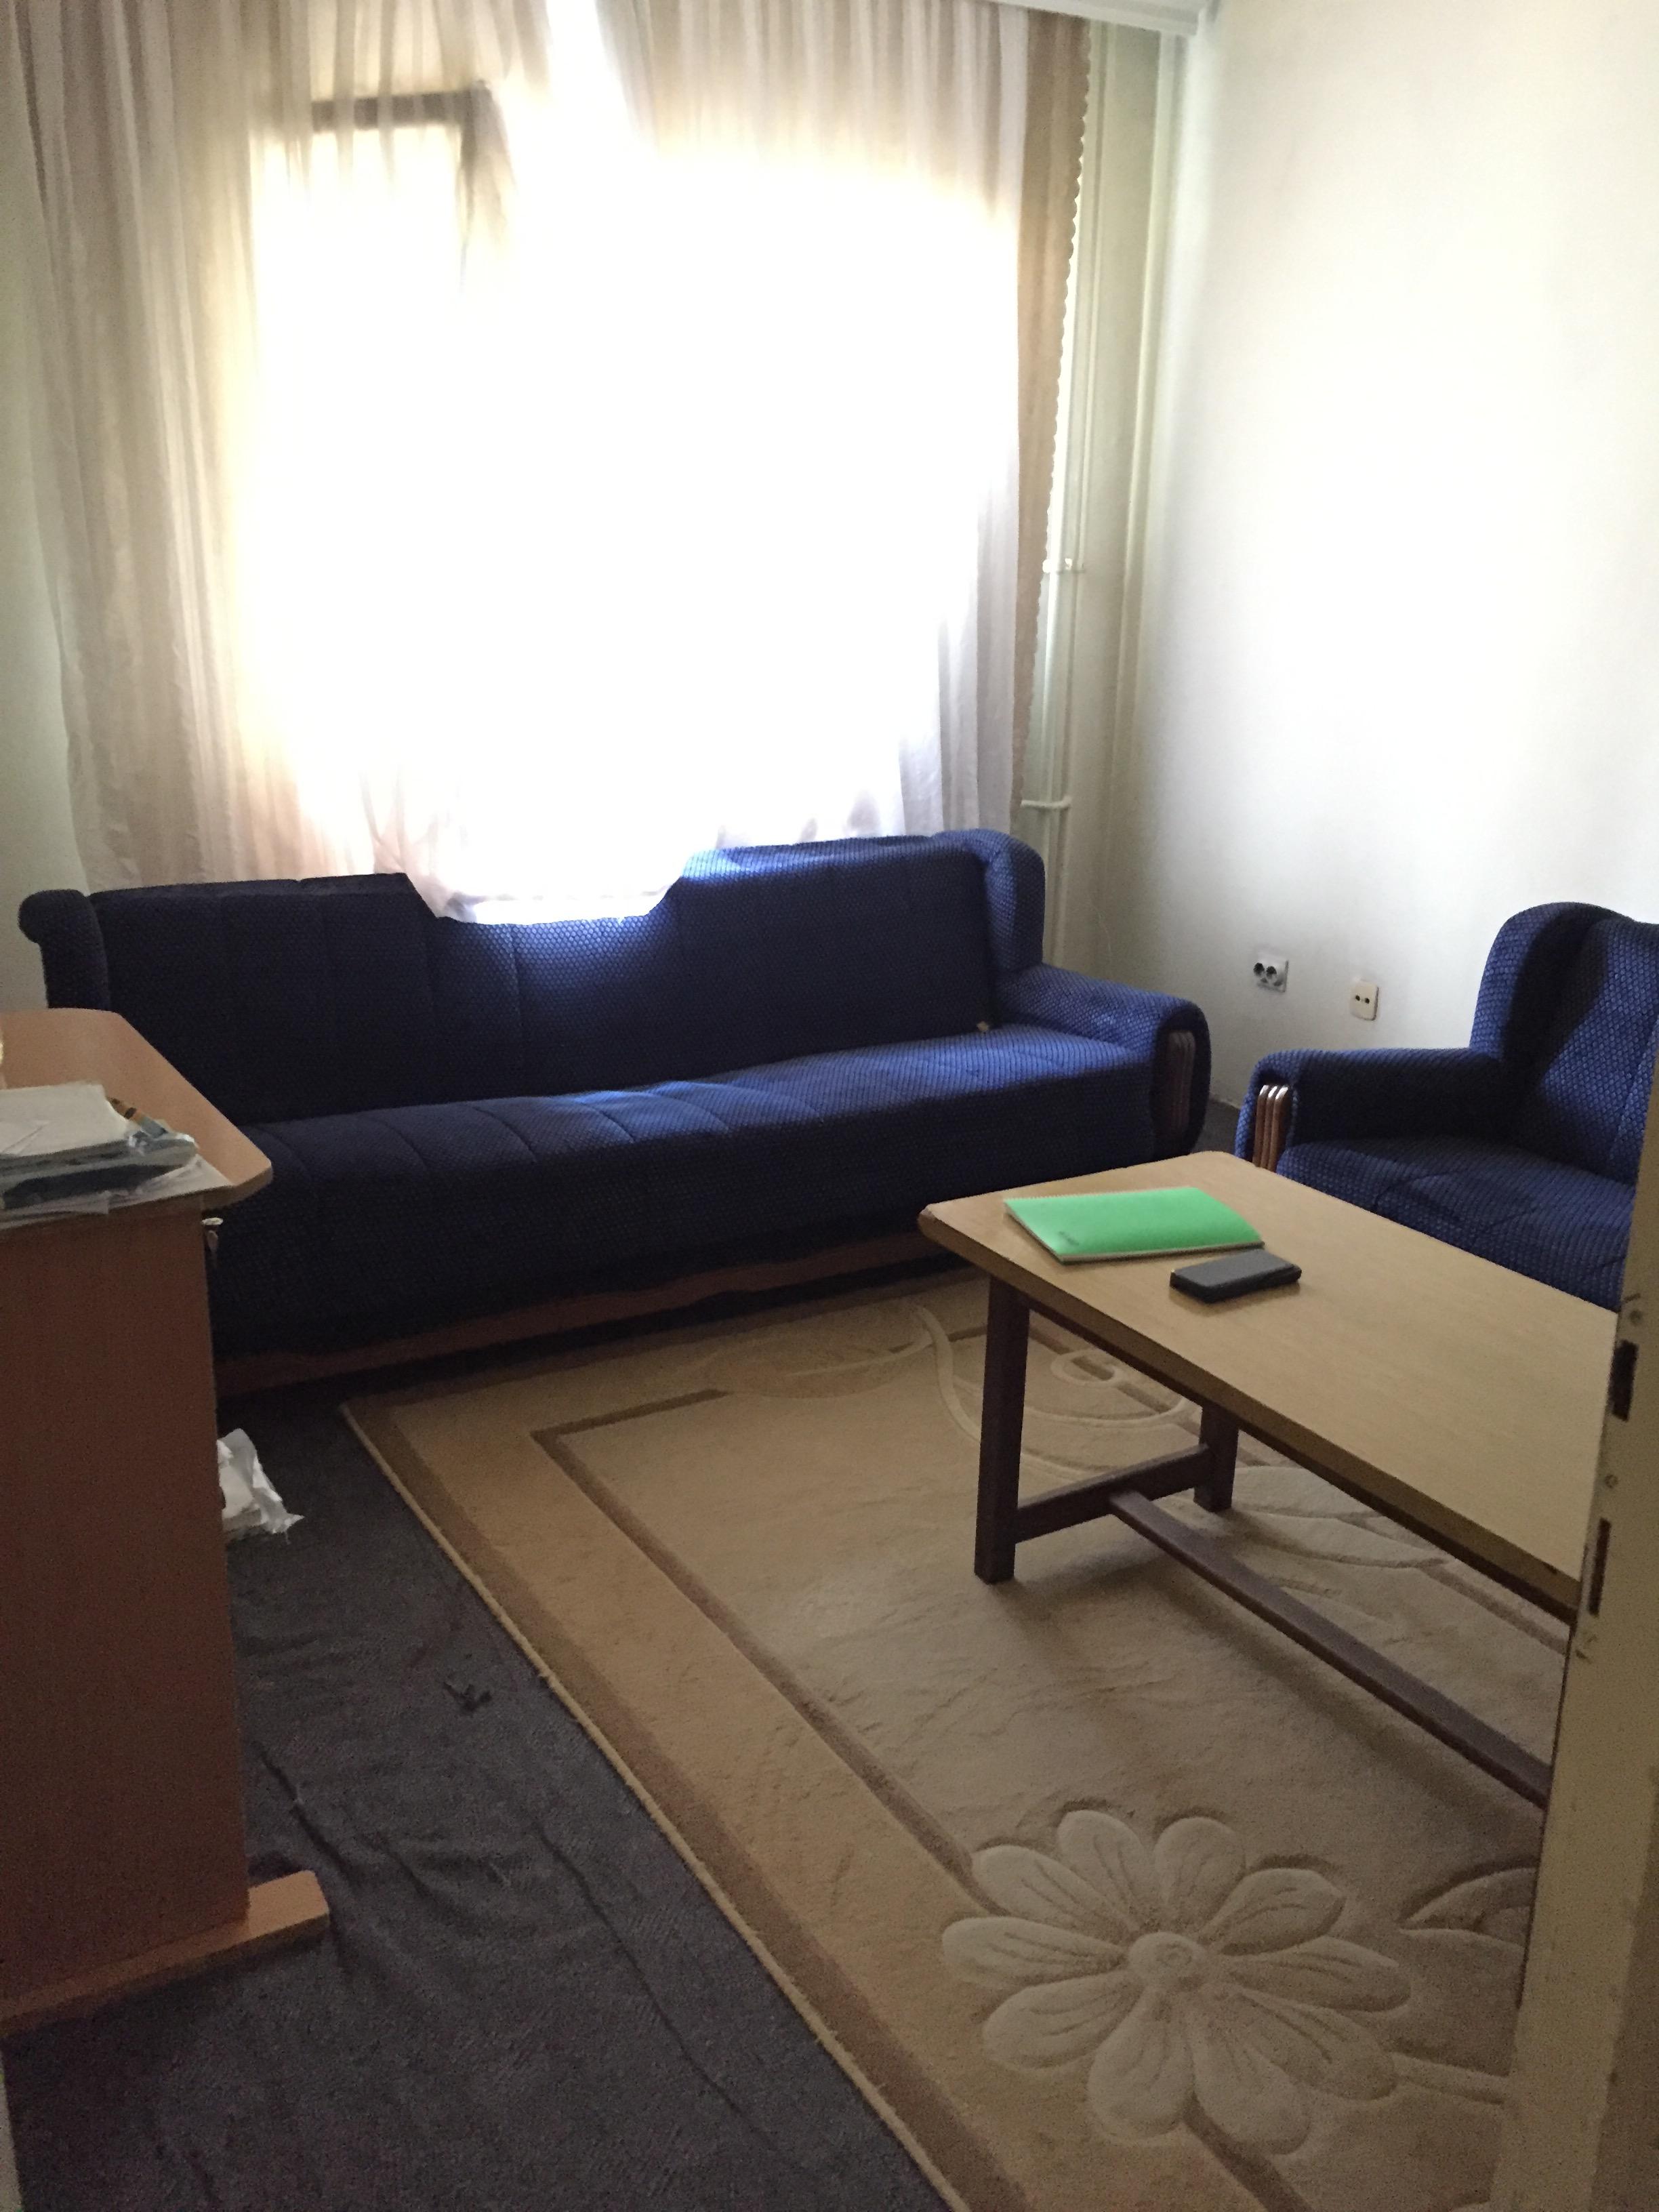 Shitet banesa 2 dhomëshe 36m2(neto), kati përdhese, në lagjen Bregu i Diellit